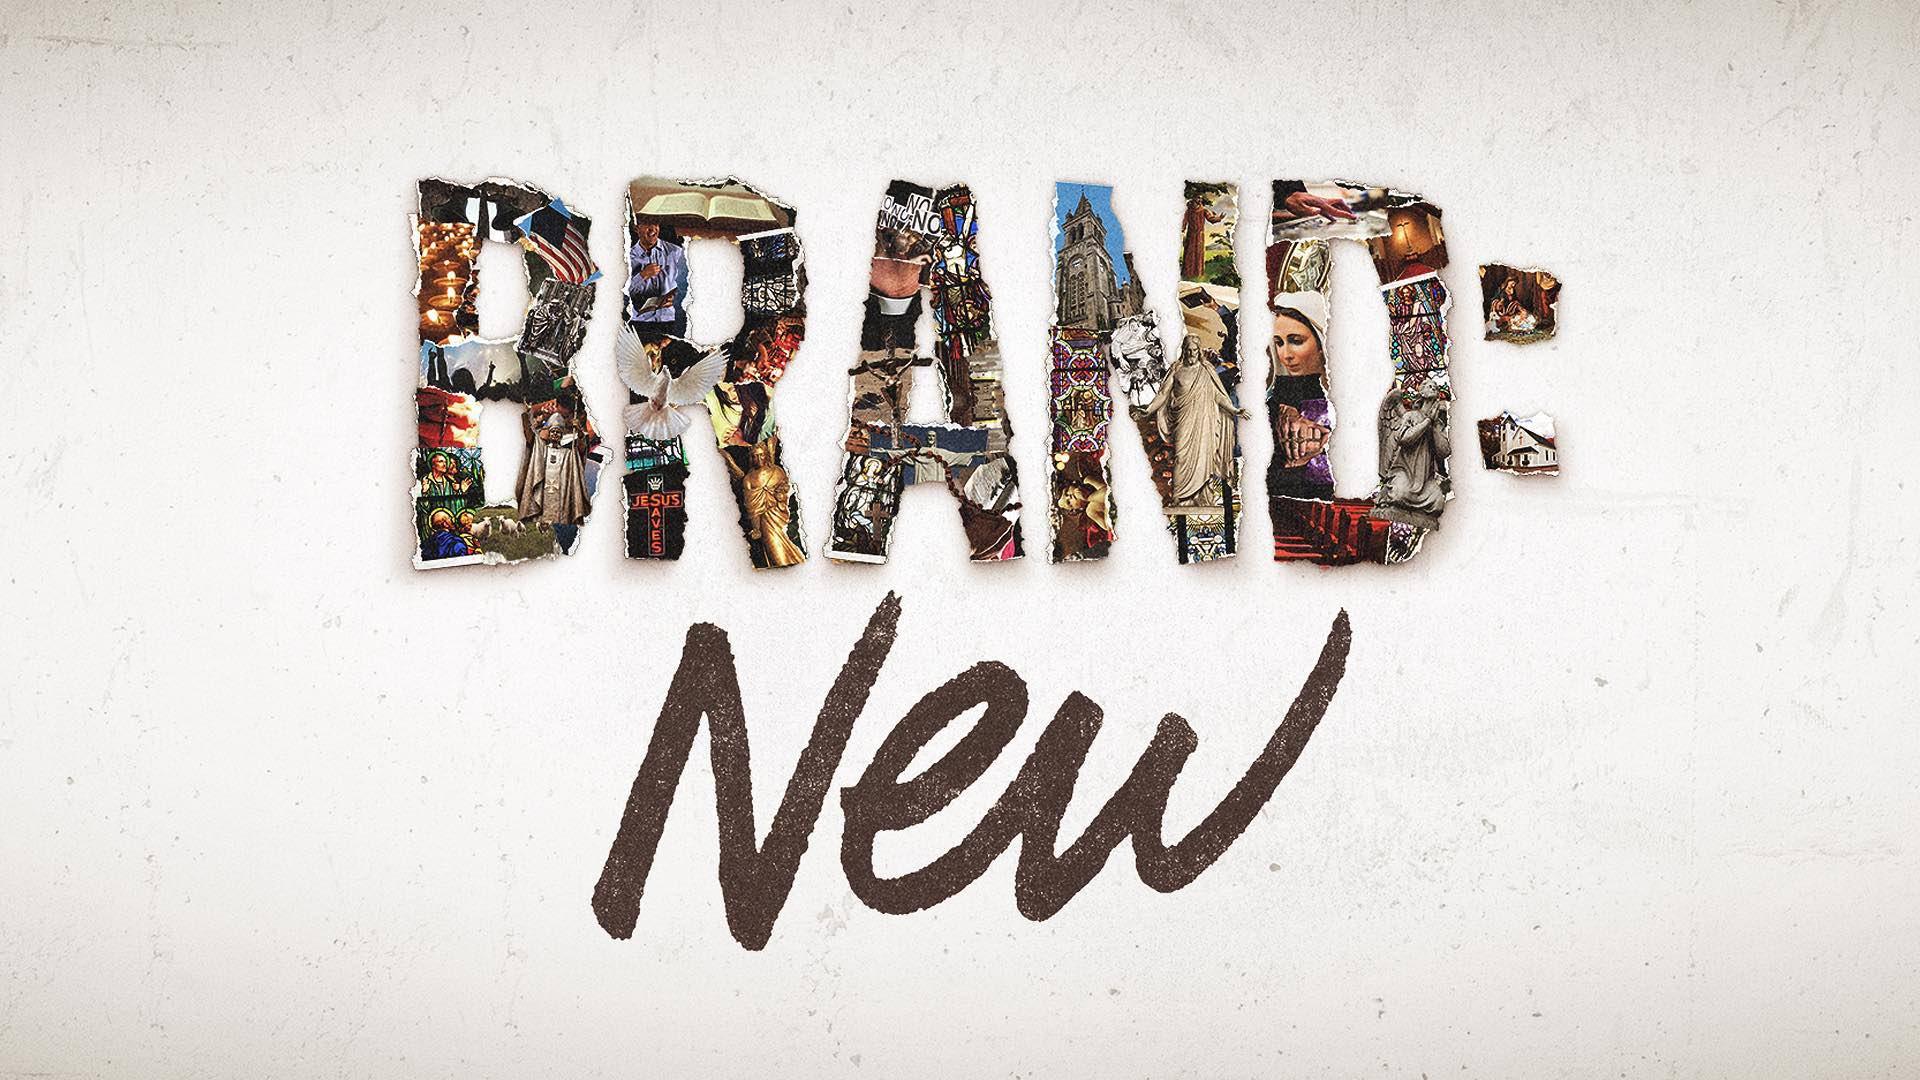 Brand: New